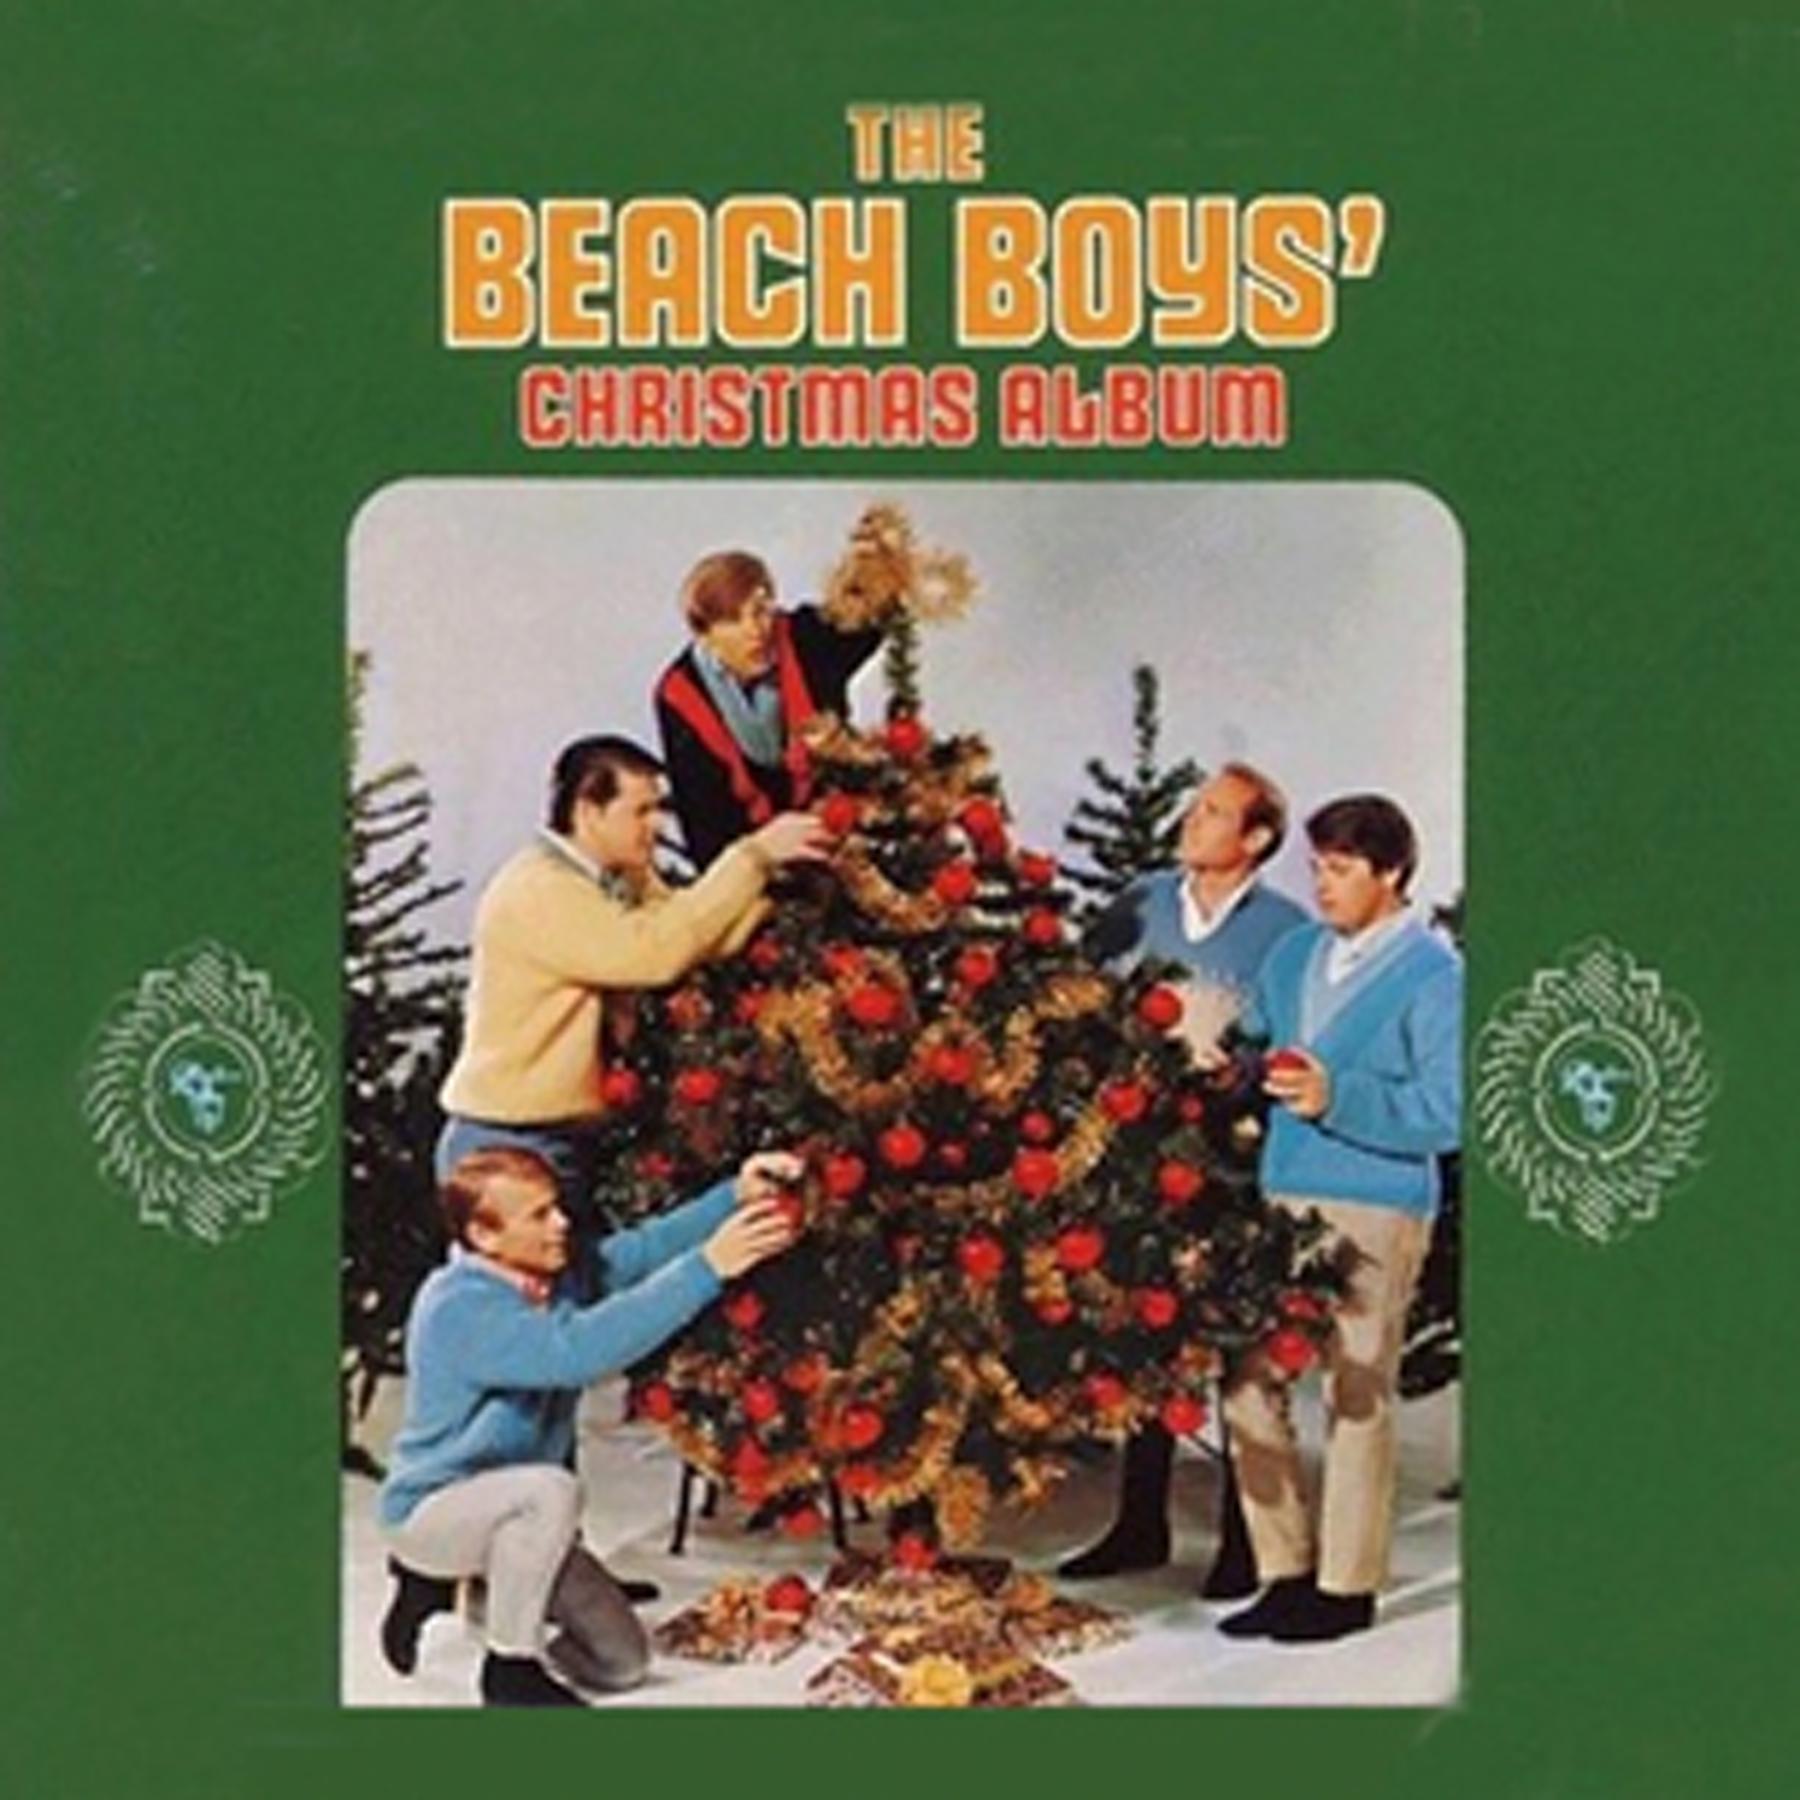 beach boys christmas album - Saddest Christmas Songs